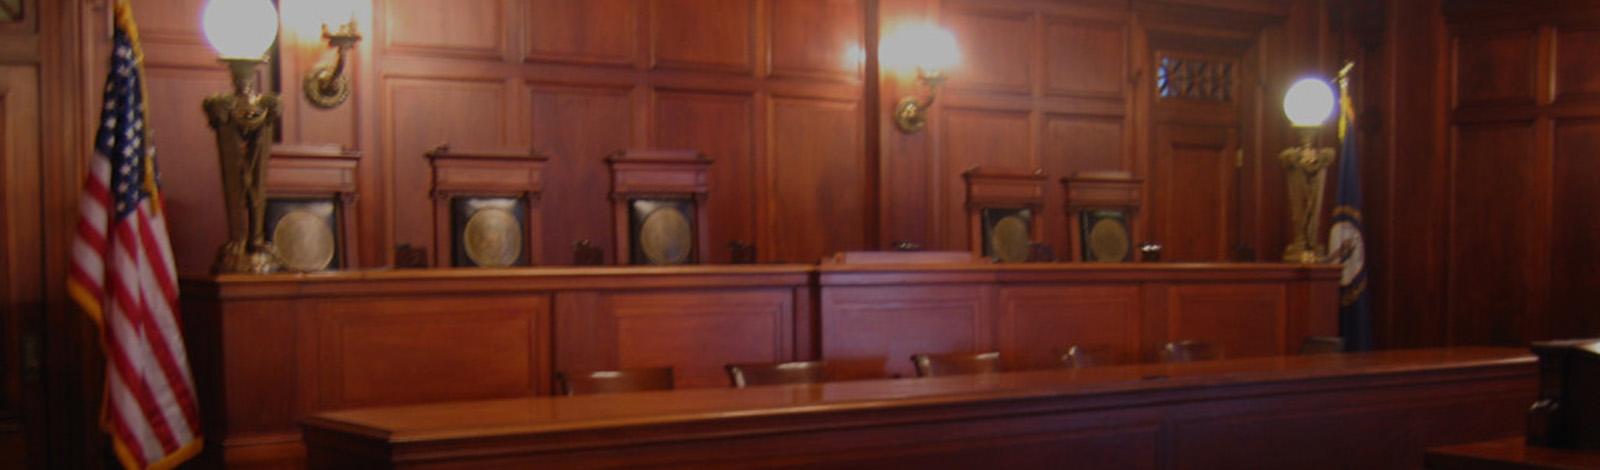 slider-courtroom